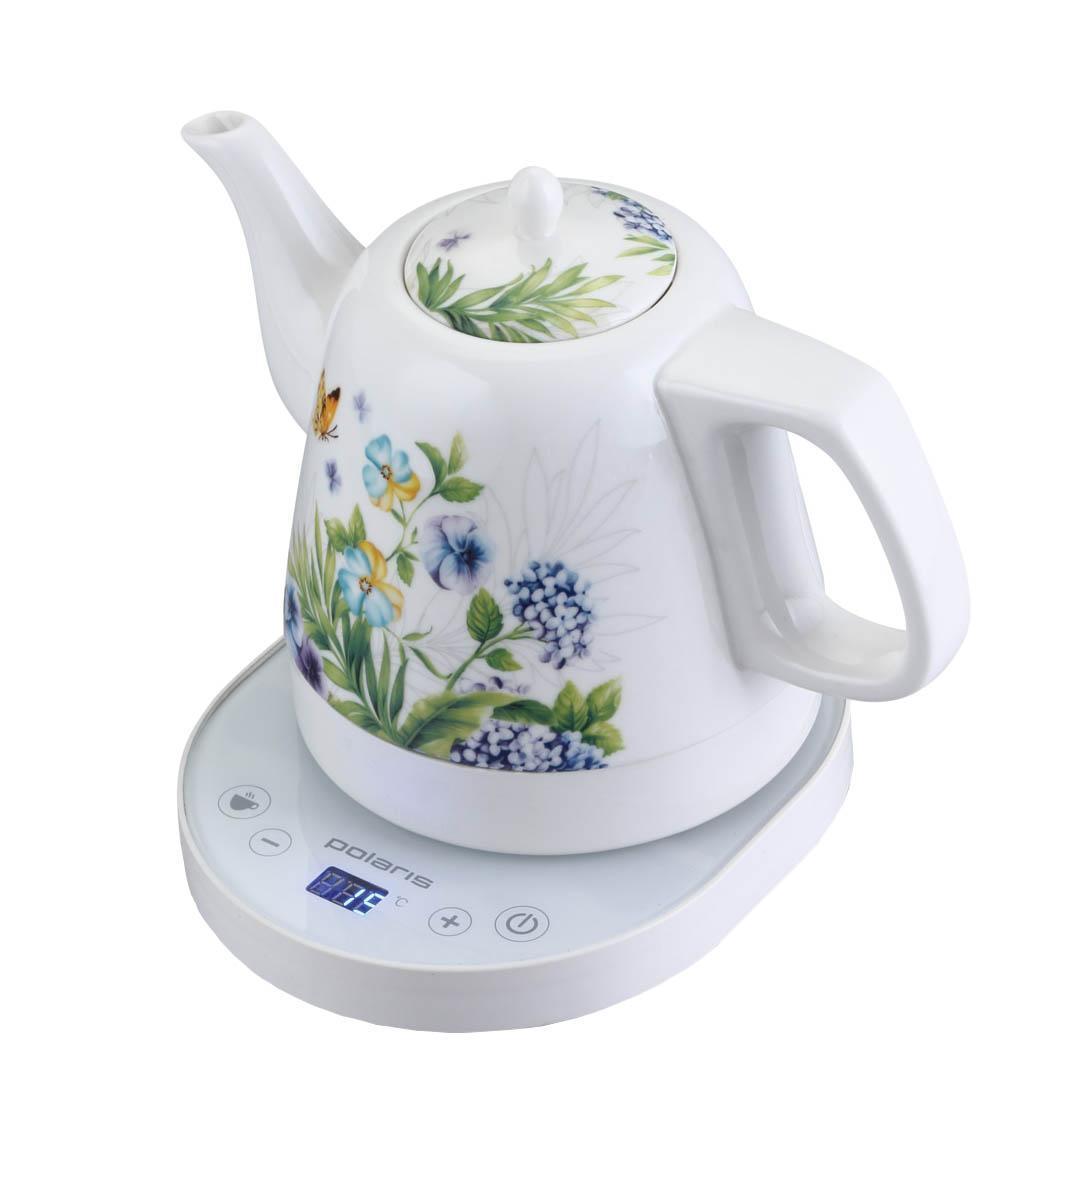 Polaris PWK 1232CCD электрочайникPWK 1232CCDКорпус чайника Polaris PWK 1232CCD выполнен из высококачественной керамики, что обеспечит Вам экологически чистую воду, без примесей и красителей. Керамика - это натуральный материал, максимально сохраняющий вкусовые качества и полезные свойства напитков.